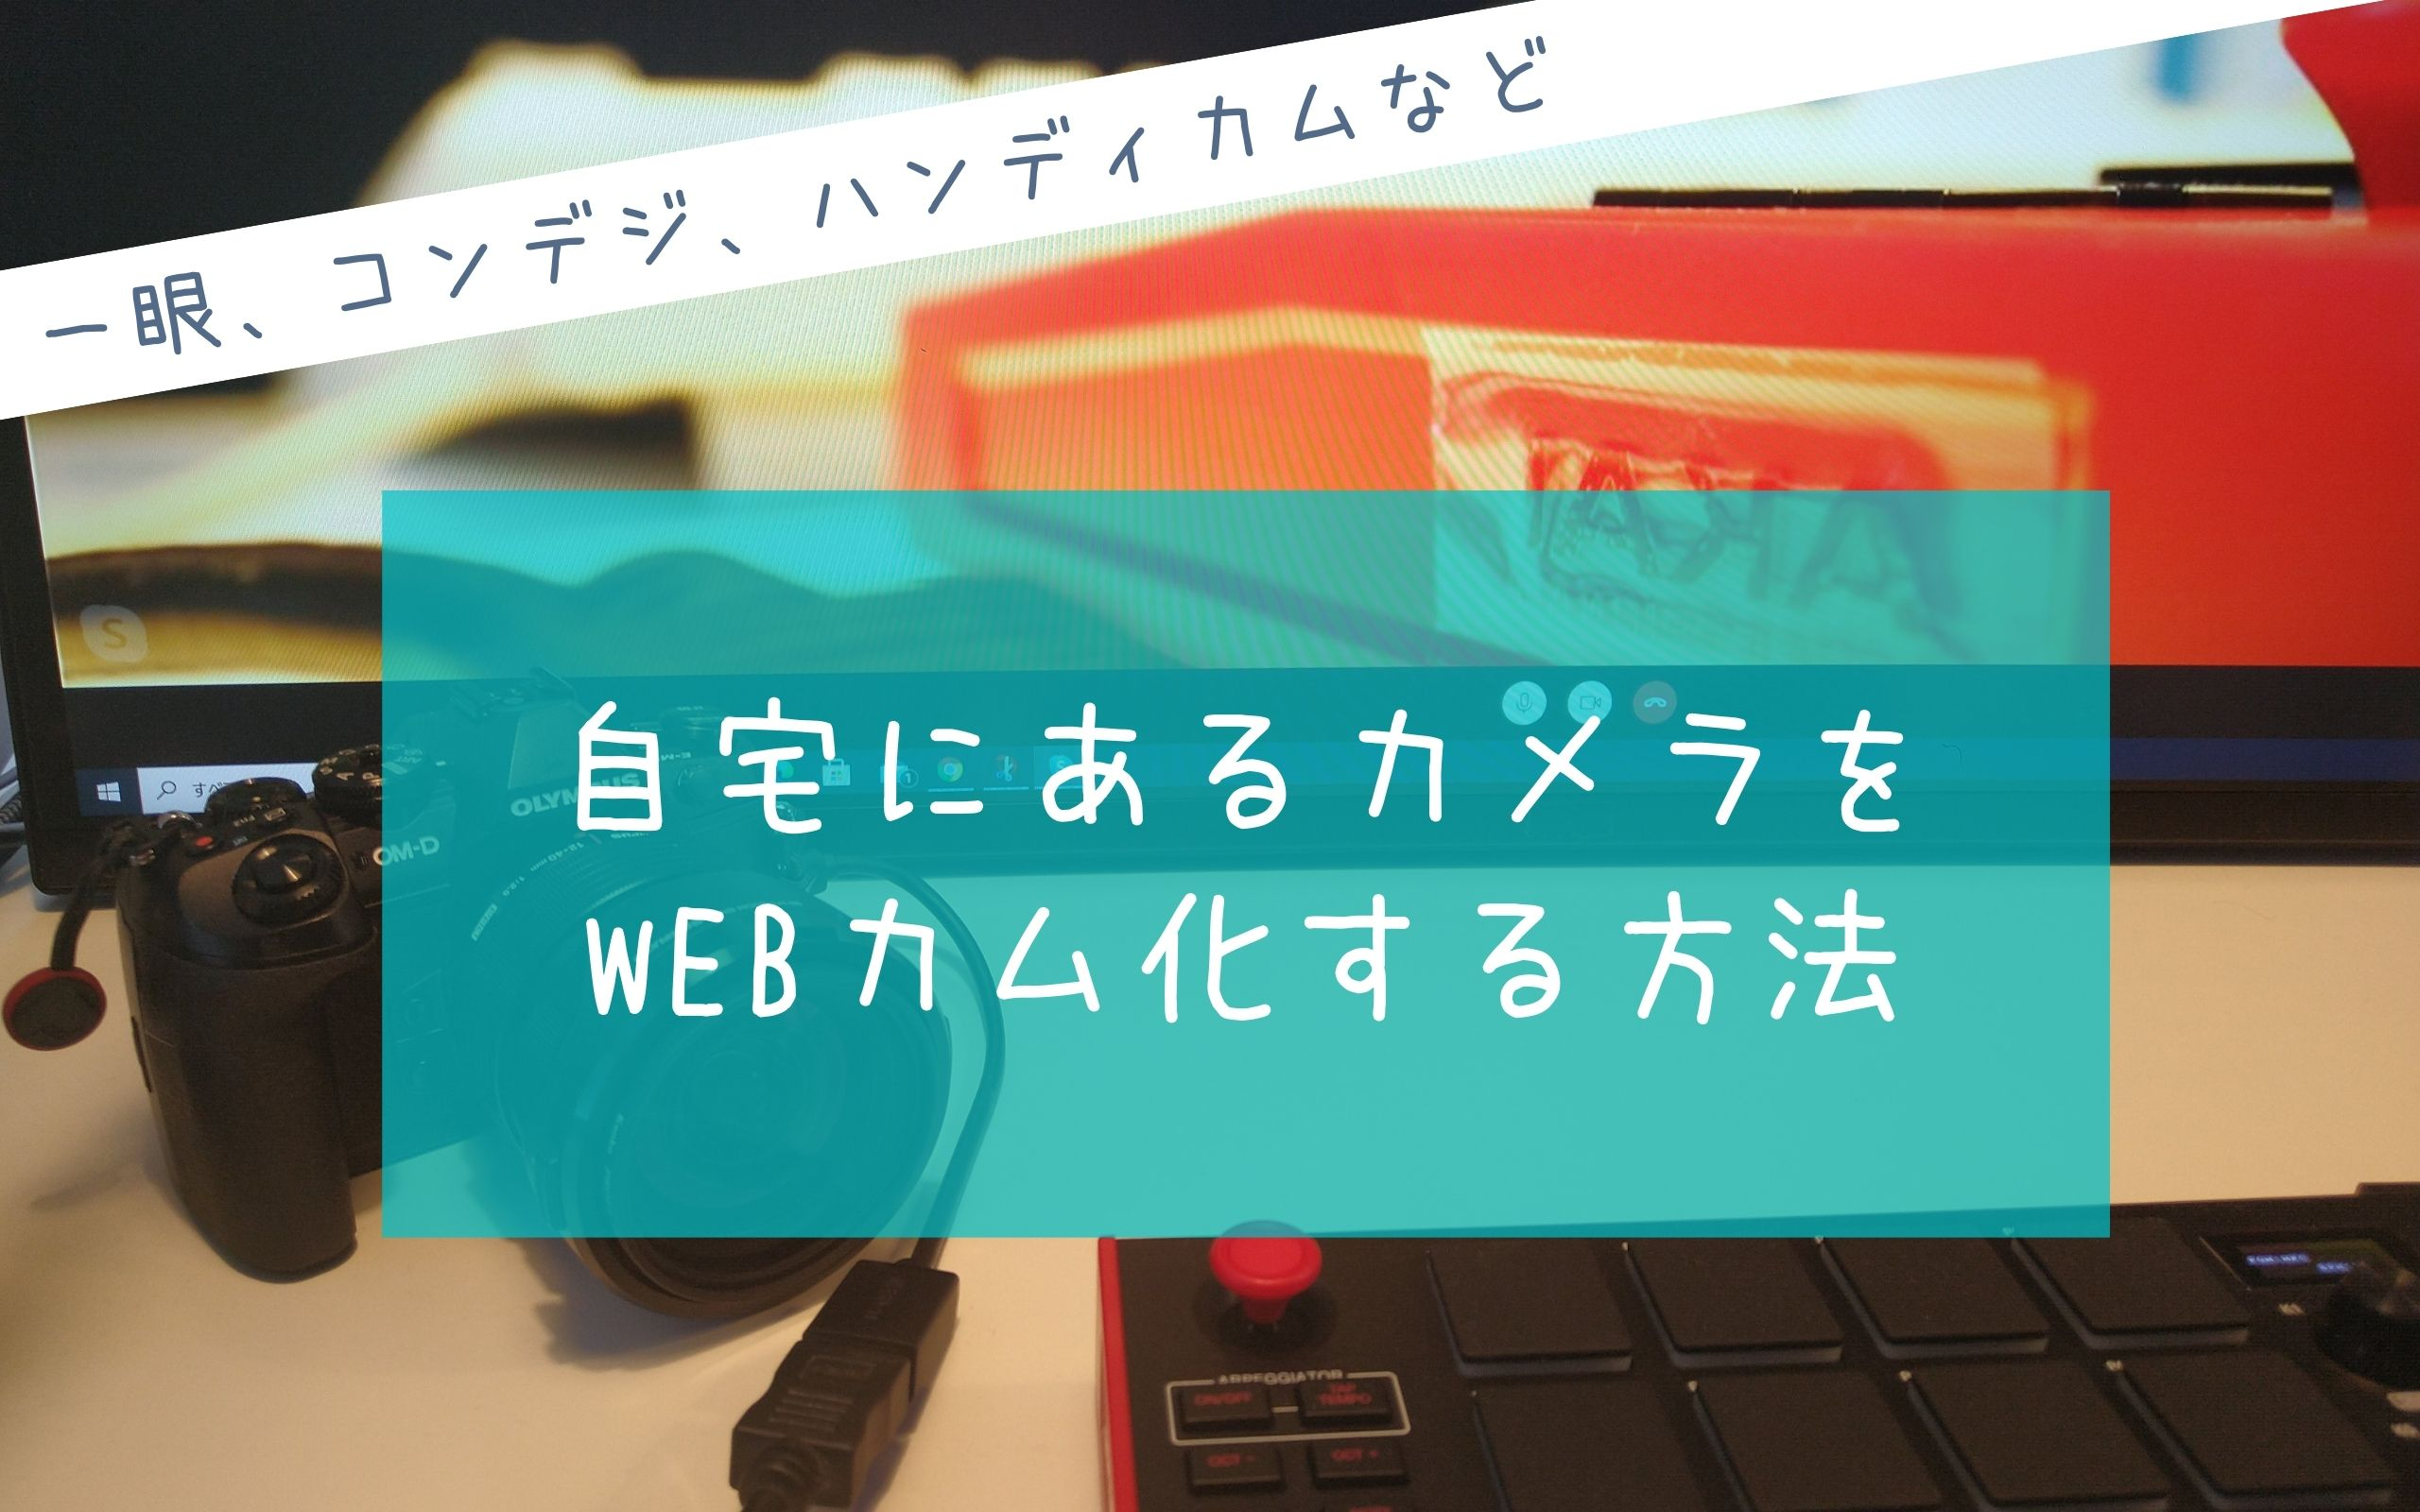 WEBカム化する方法